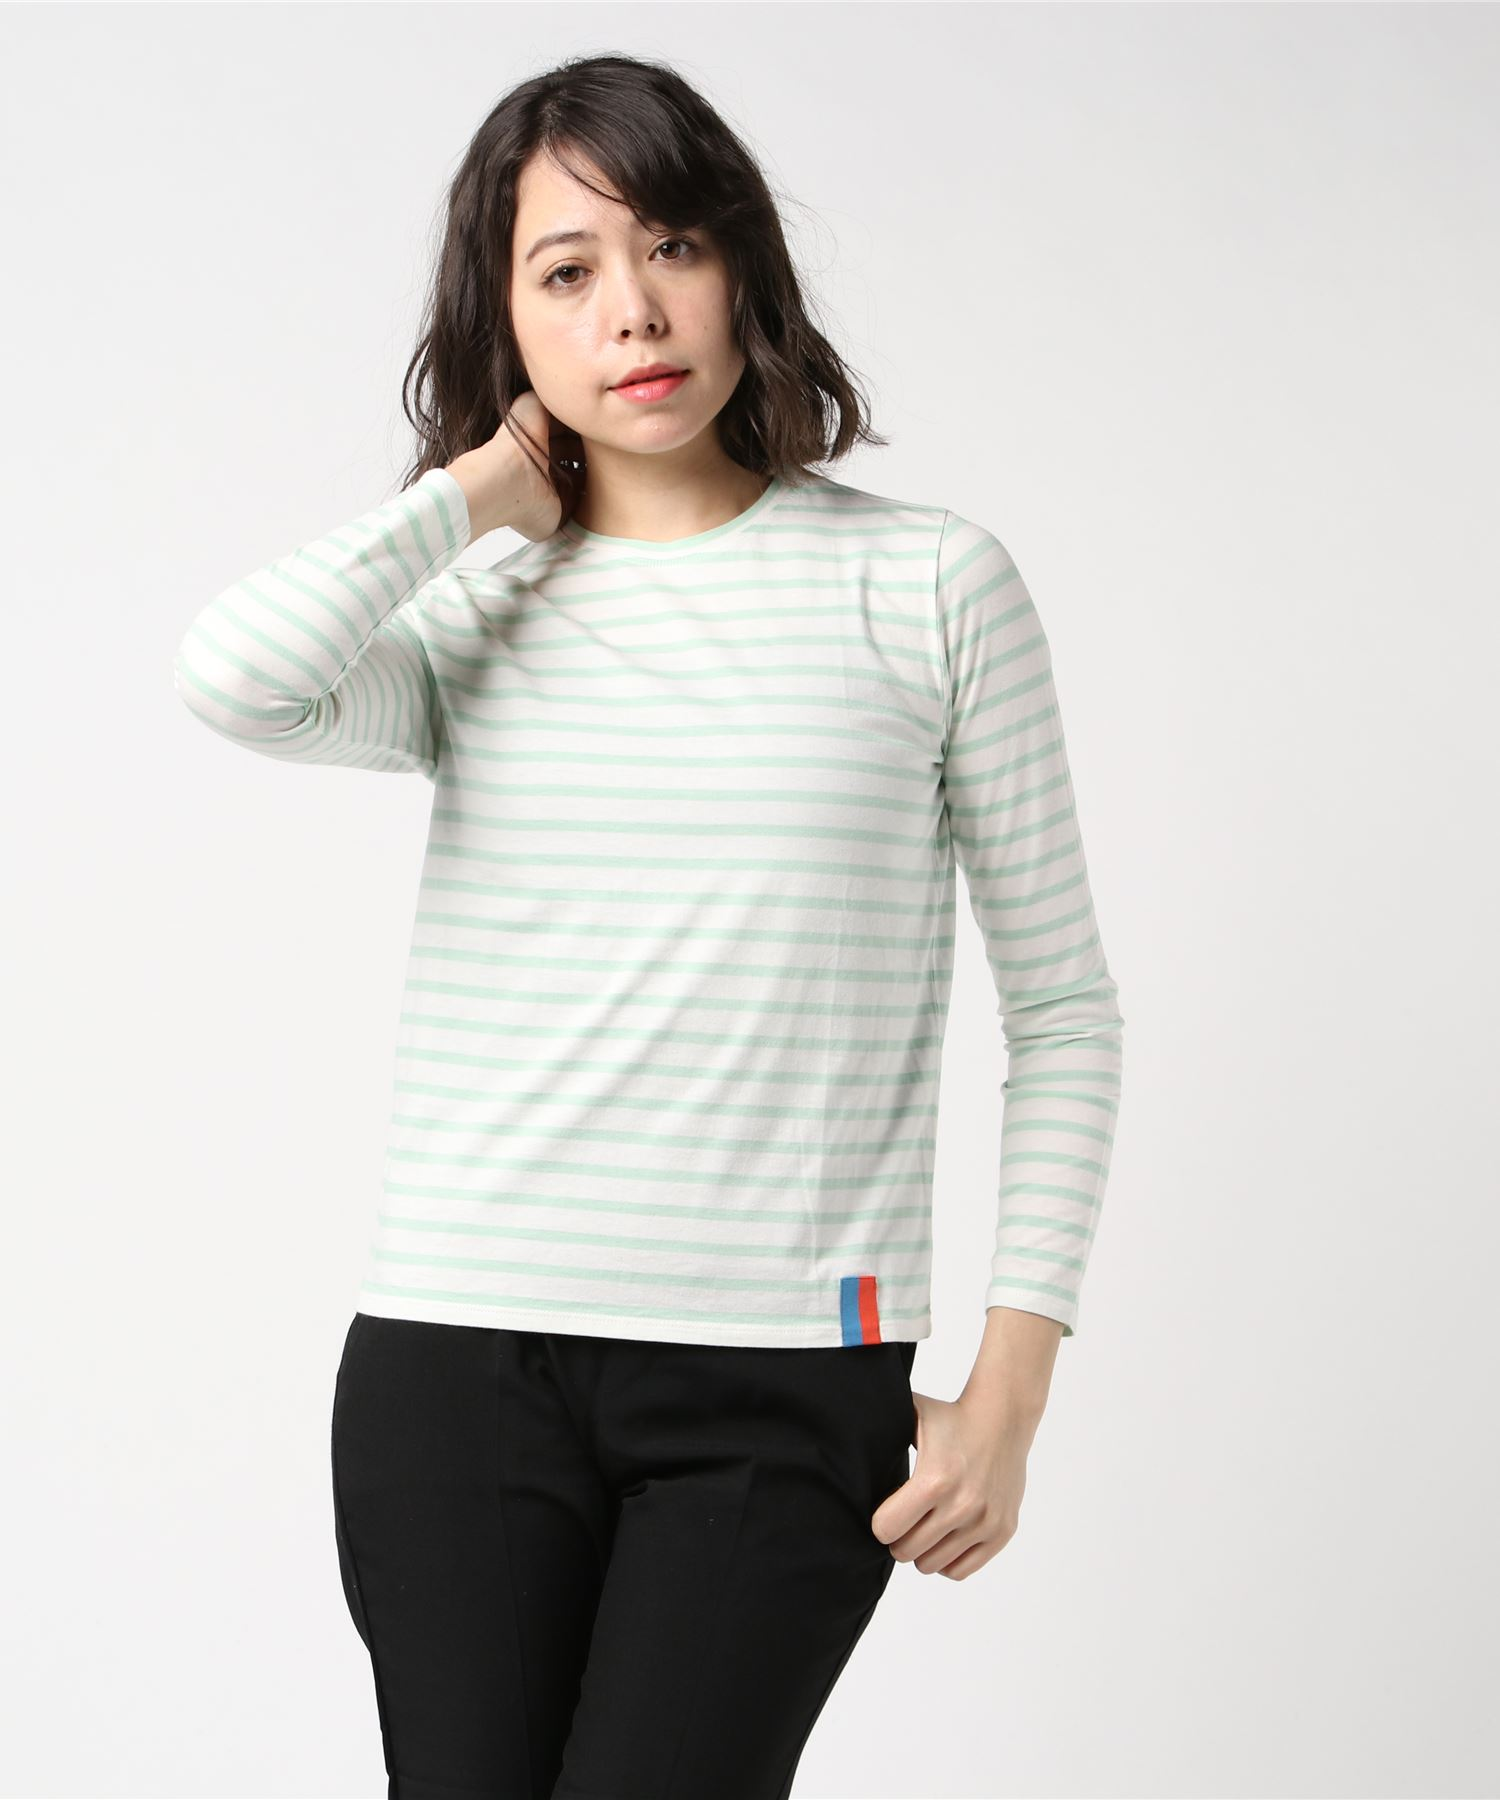 KULE キュール / ボーダー長袖Tシャツ